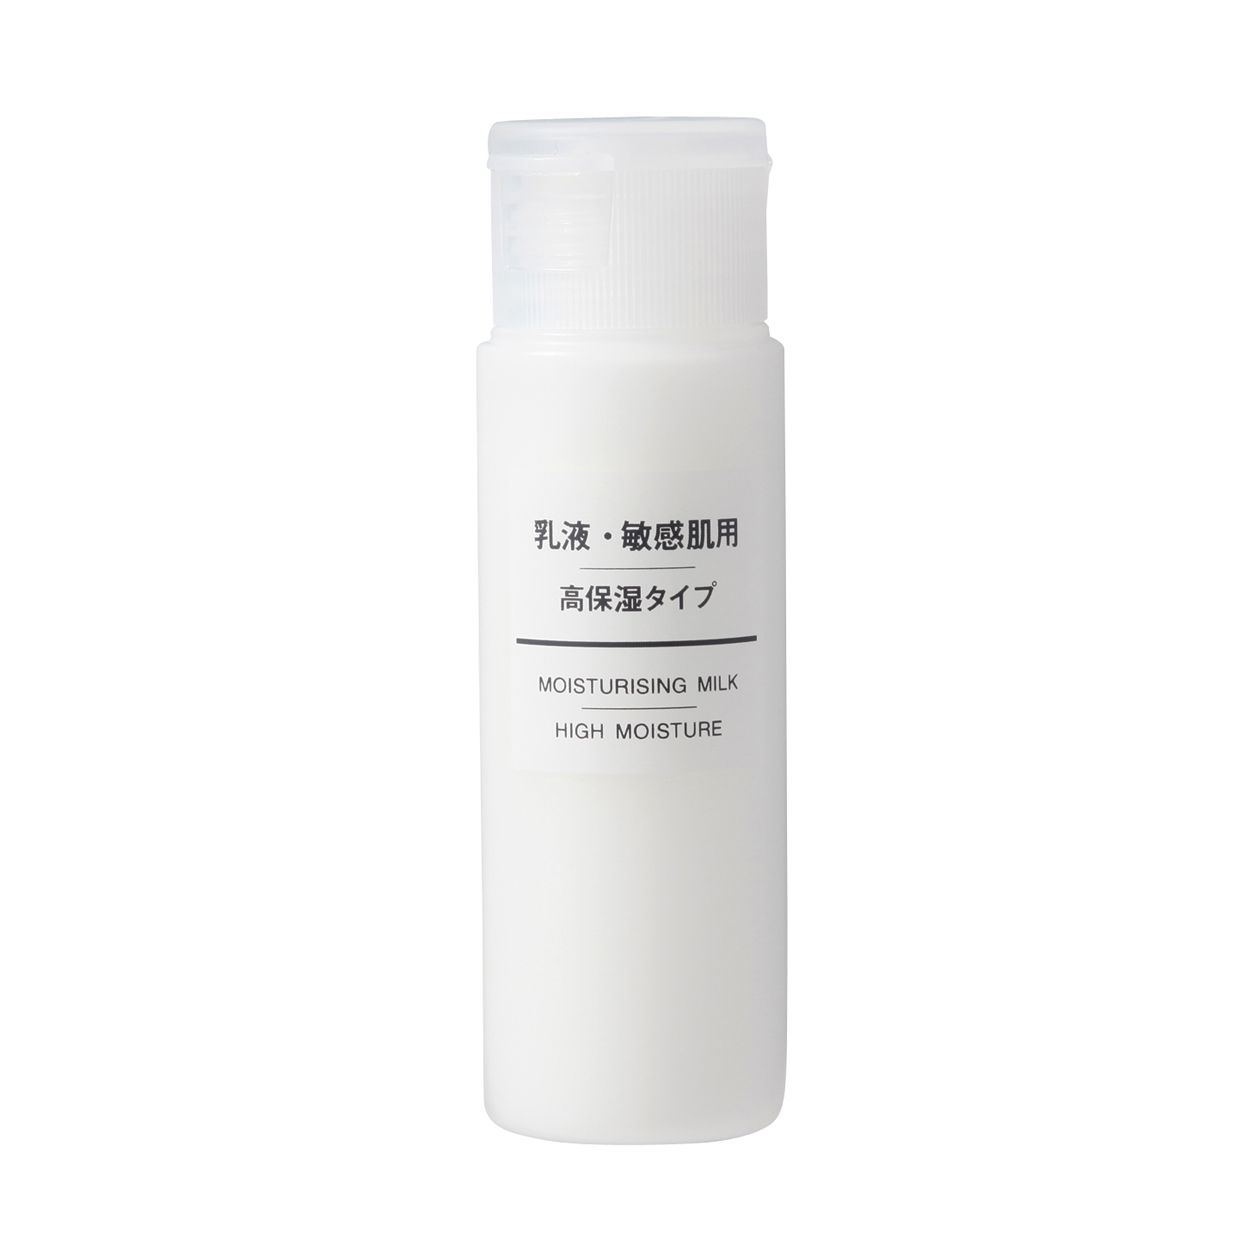 乳液・敏感肌用・高保湿タイプ(携帯用) 50ml | 無印良品ネット ...